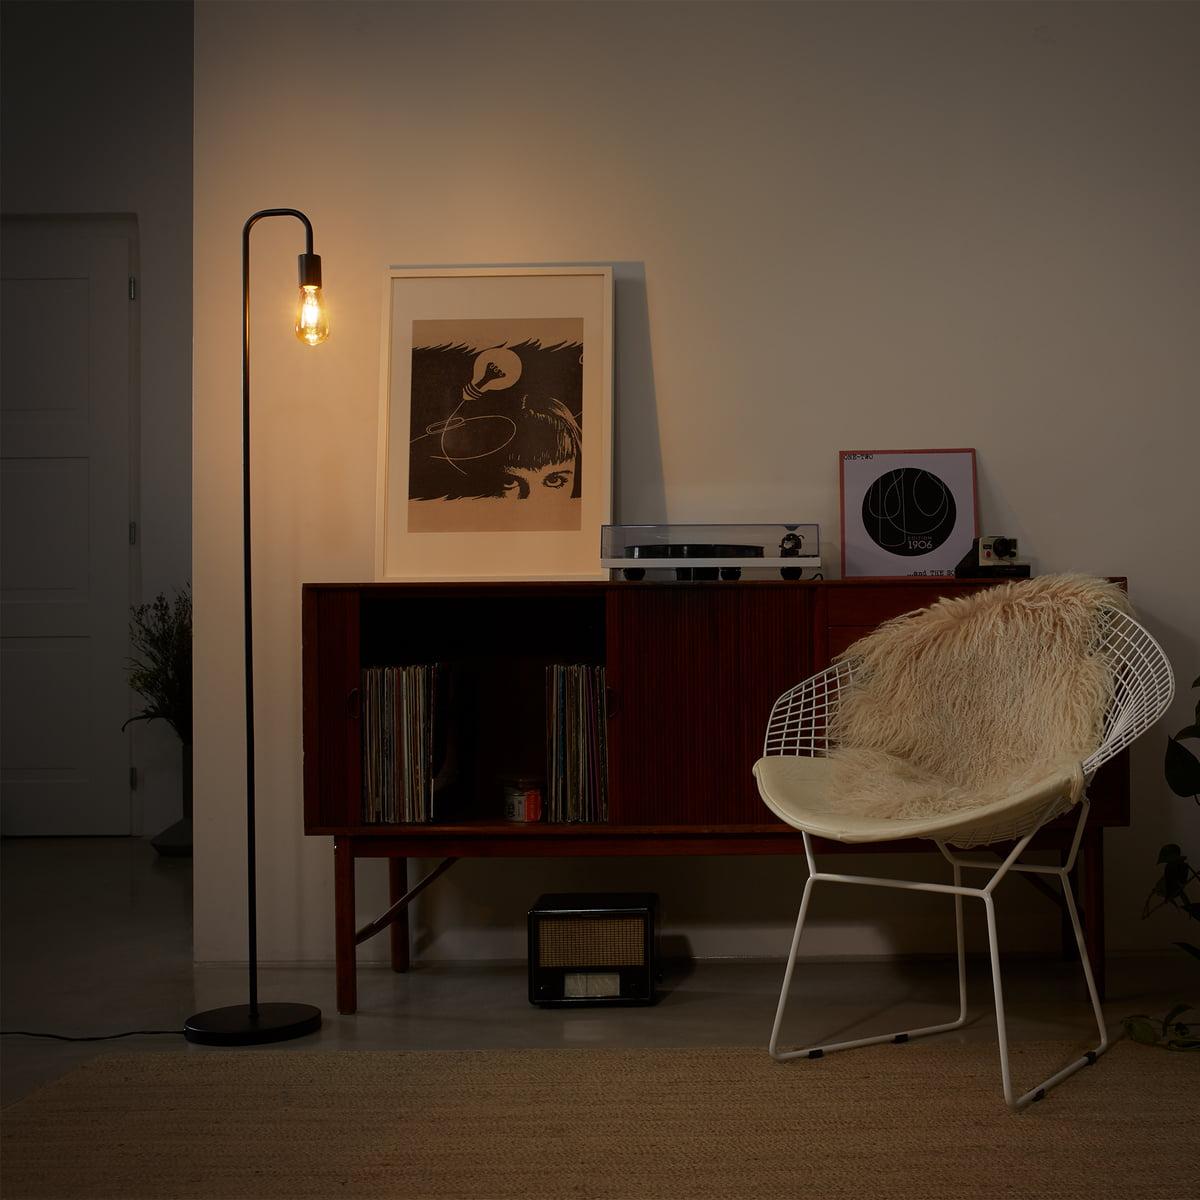 Full Size of Stehleuchte Wohnzimmer Stehleuchten Led Modern Moderne Design Leuchte Dimmbar Ikea Lampe Anbauwand Beleuchtung Gardine Deckenleuchten Stehlampen Indirekte Wohnzimmer Stehleuchte Wohnzimmer